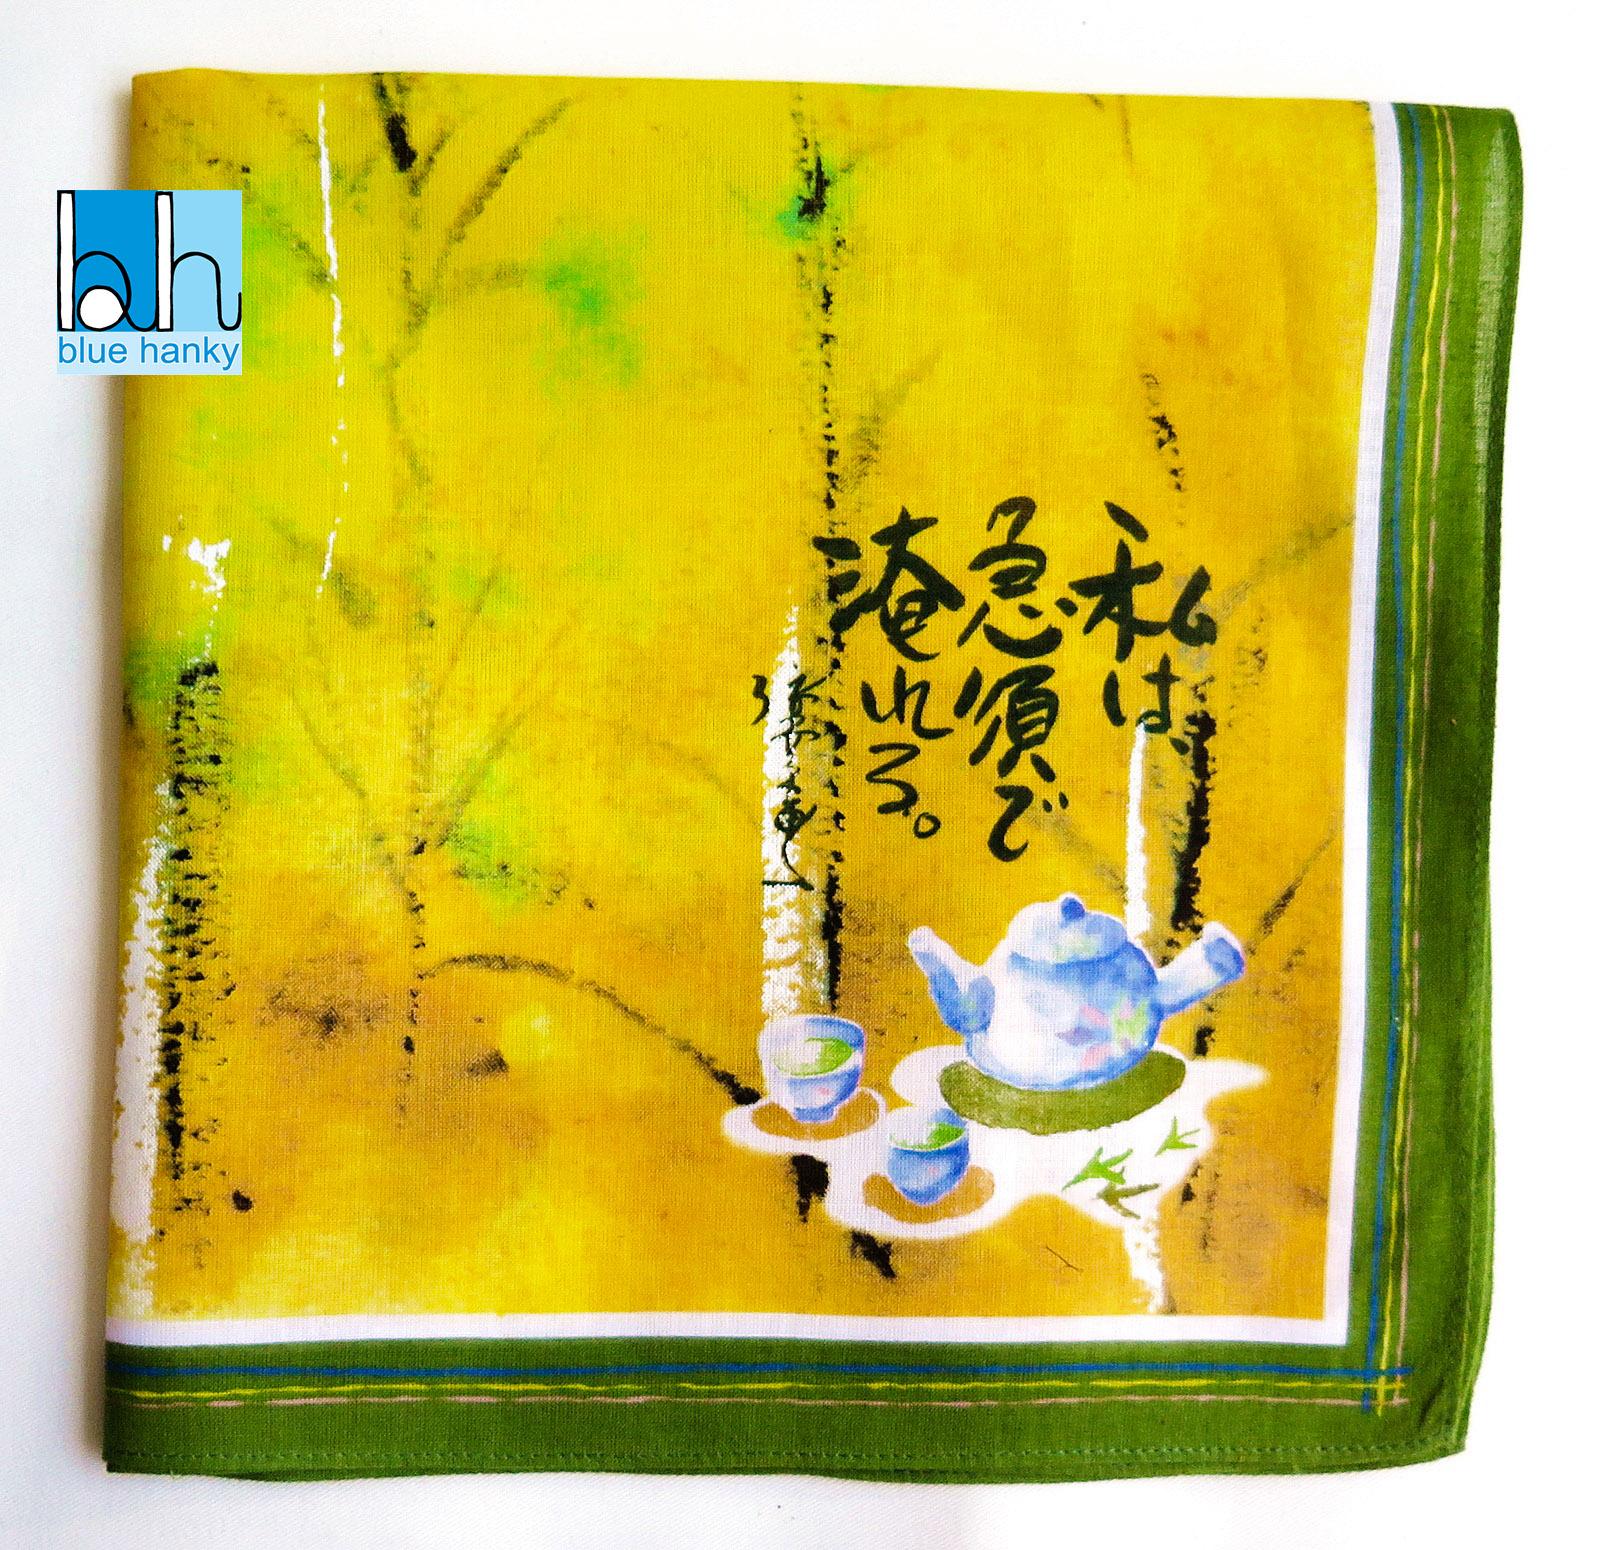 """#194 19"""" ญี่ปุ่น ผ้าเช็ดหน้ามือ2 สภาพดี ผ้าเช็ดหน้าผืนใหญ่"""